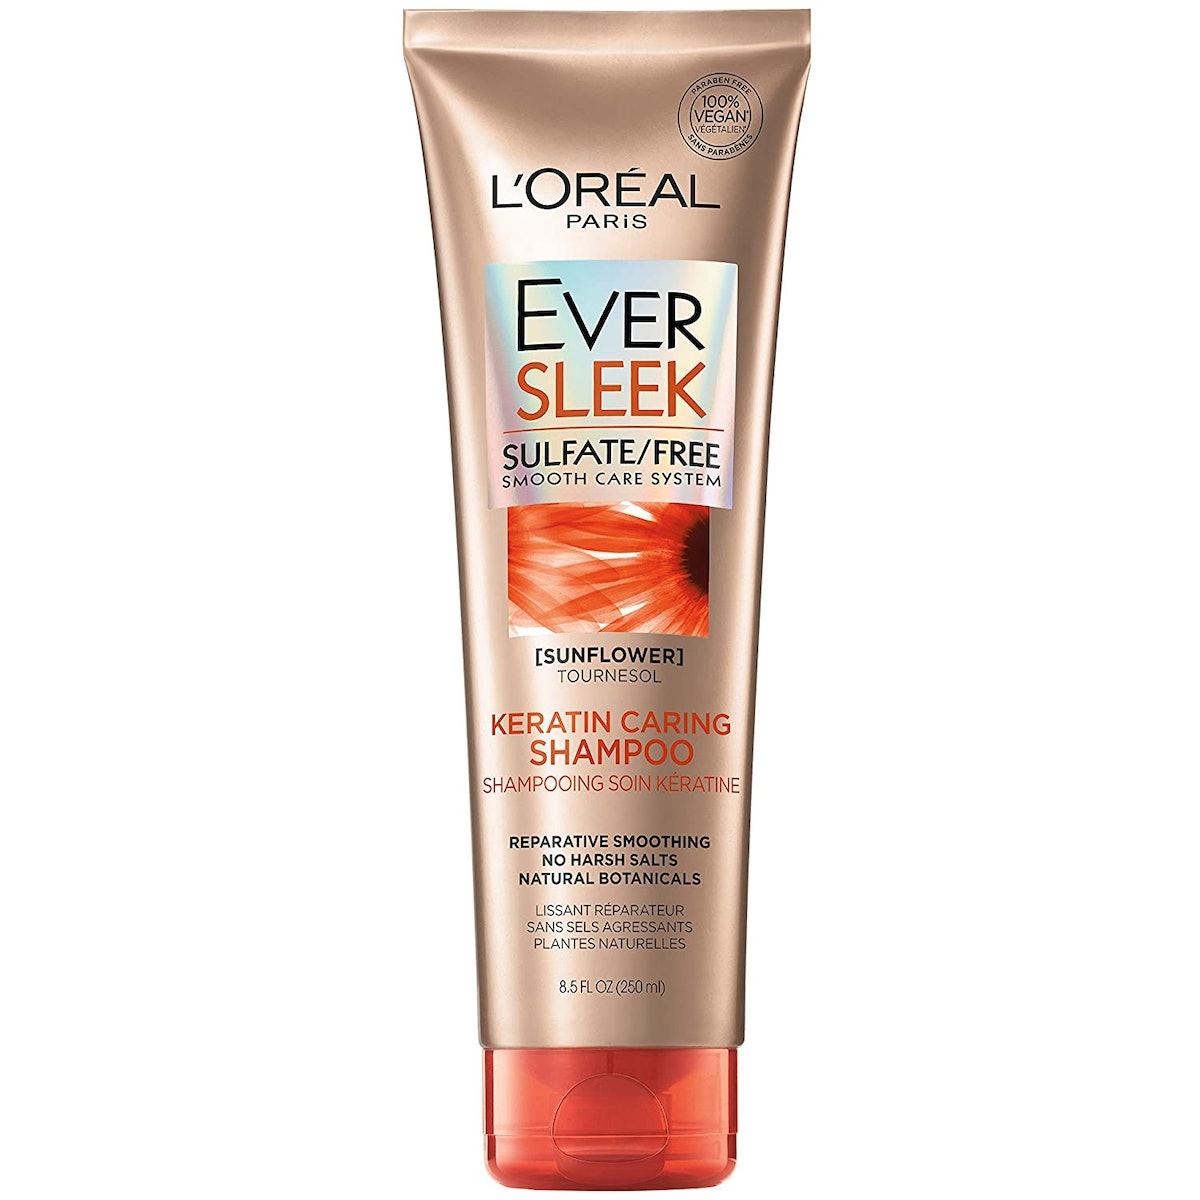 L'Oreal Paris EverSleek Keratin Caring Shampoo